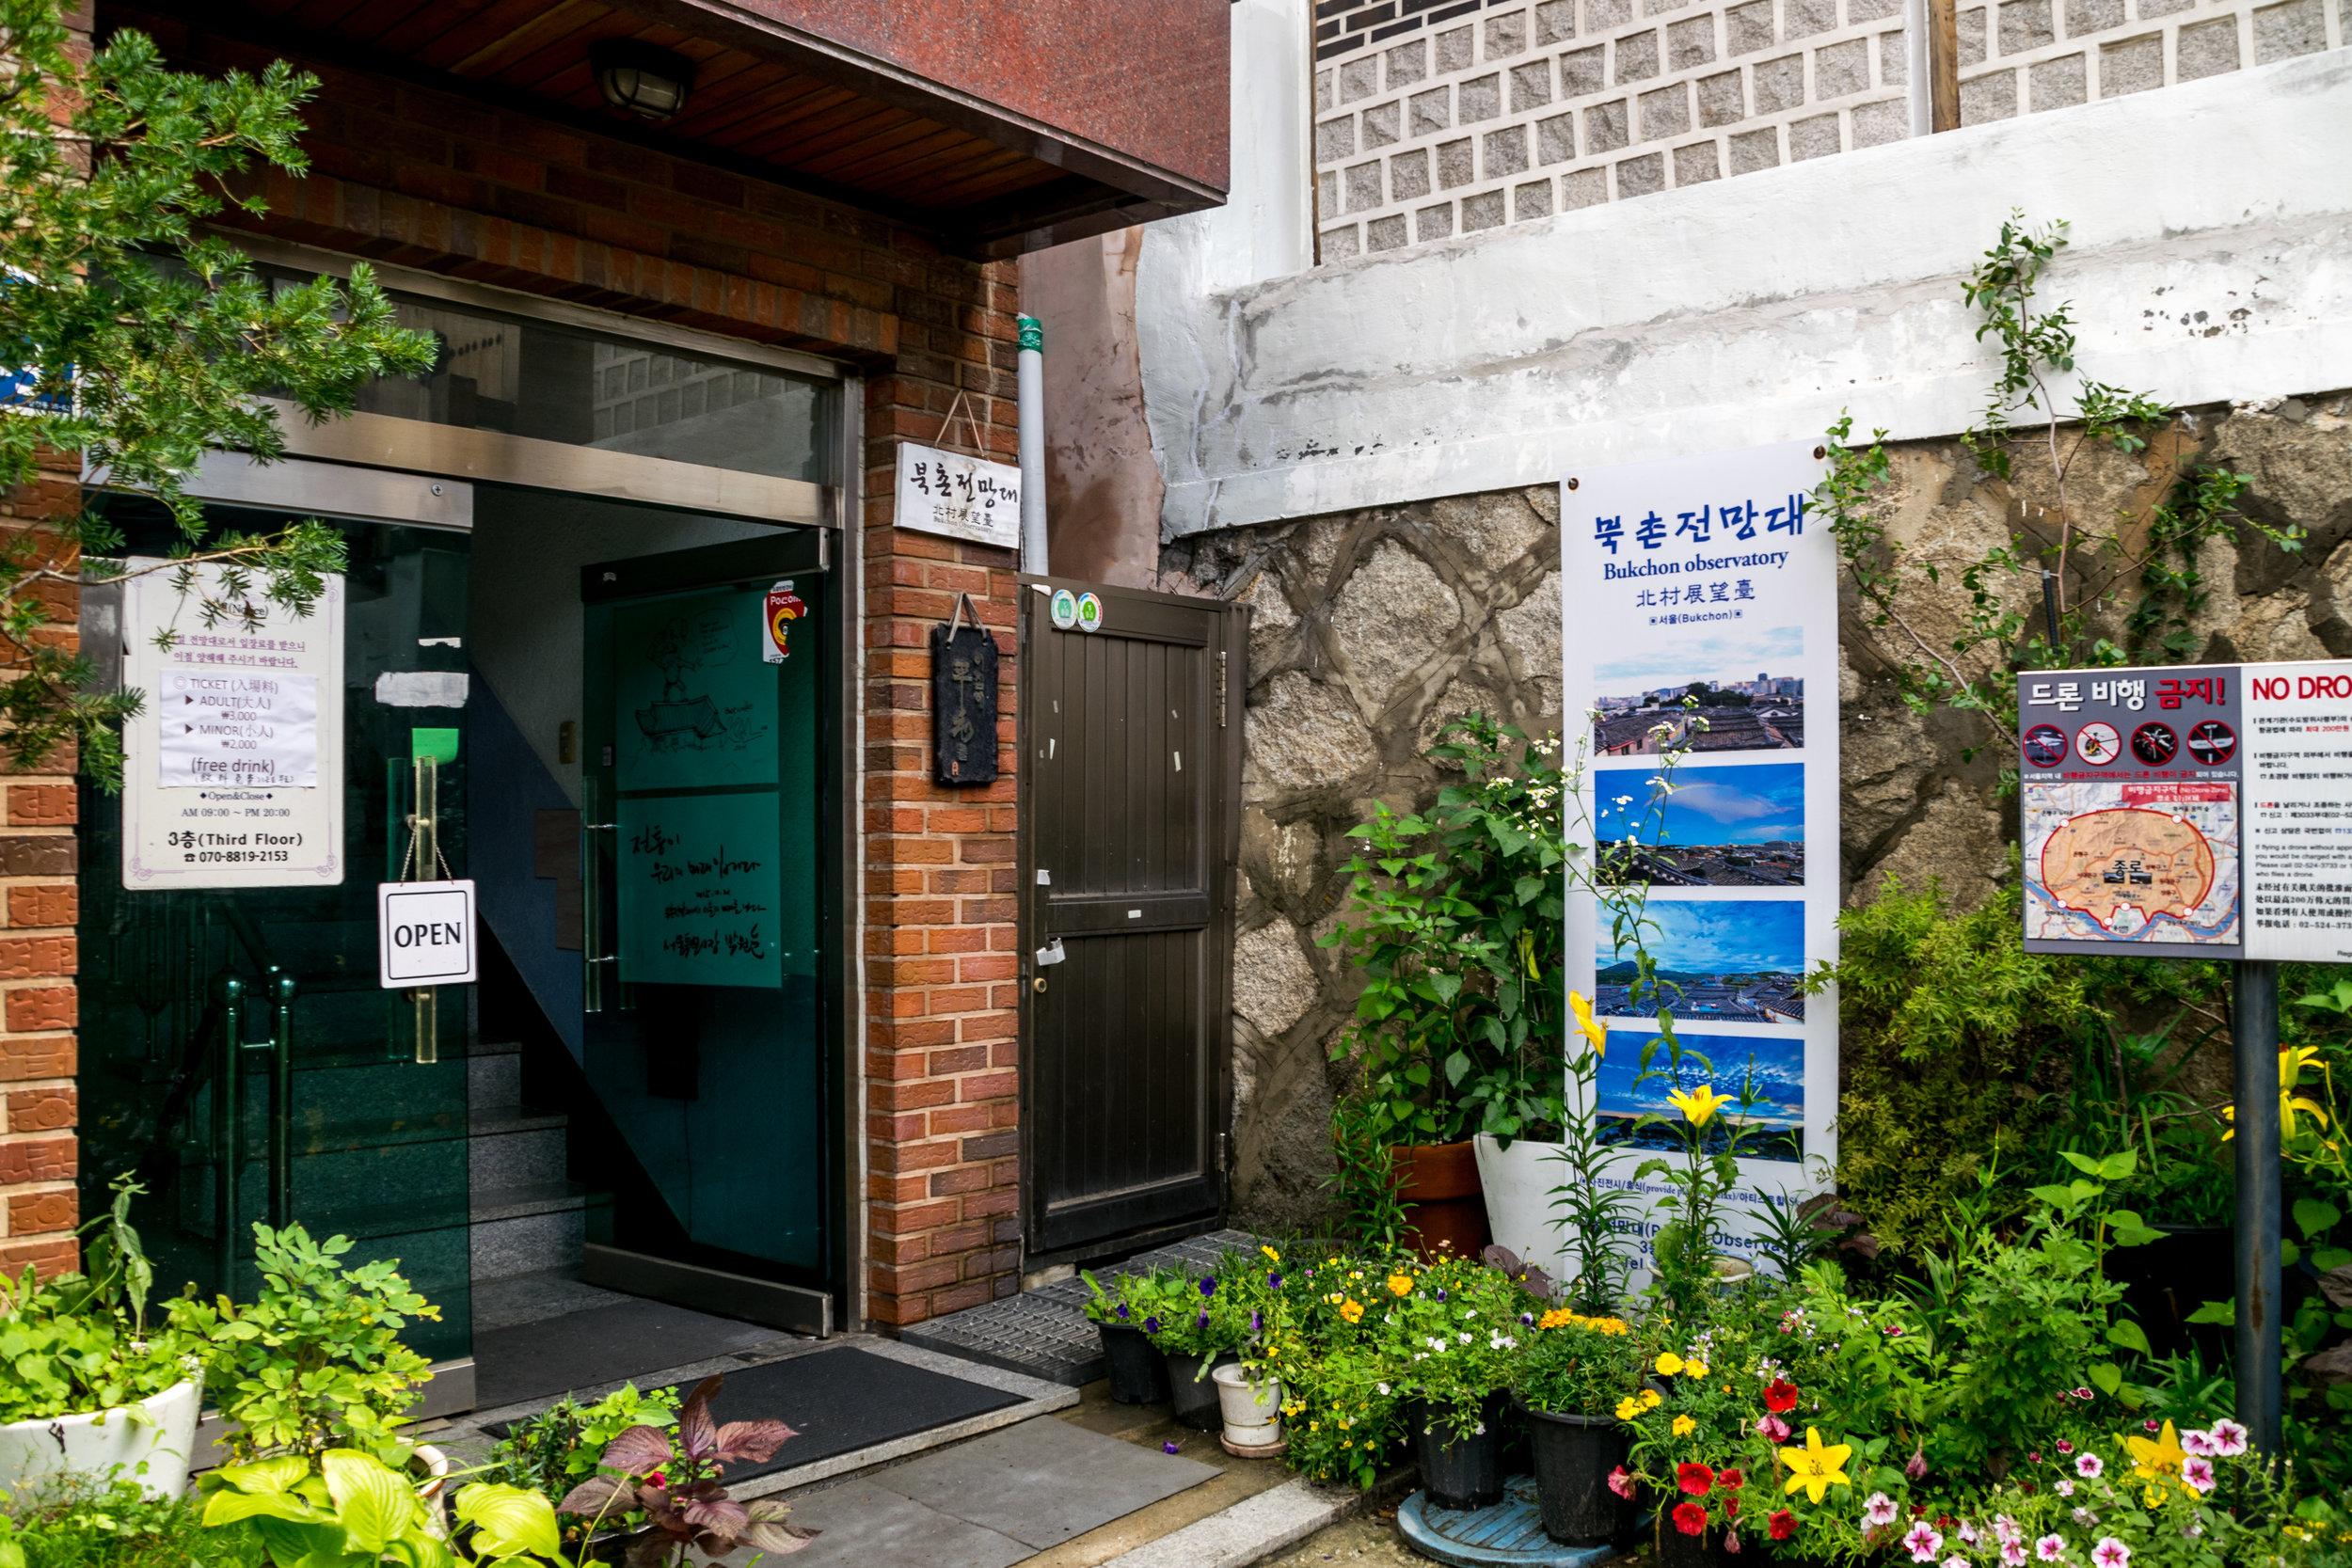 20180702-_DSC1109_santos-korea.jpg